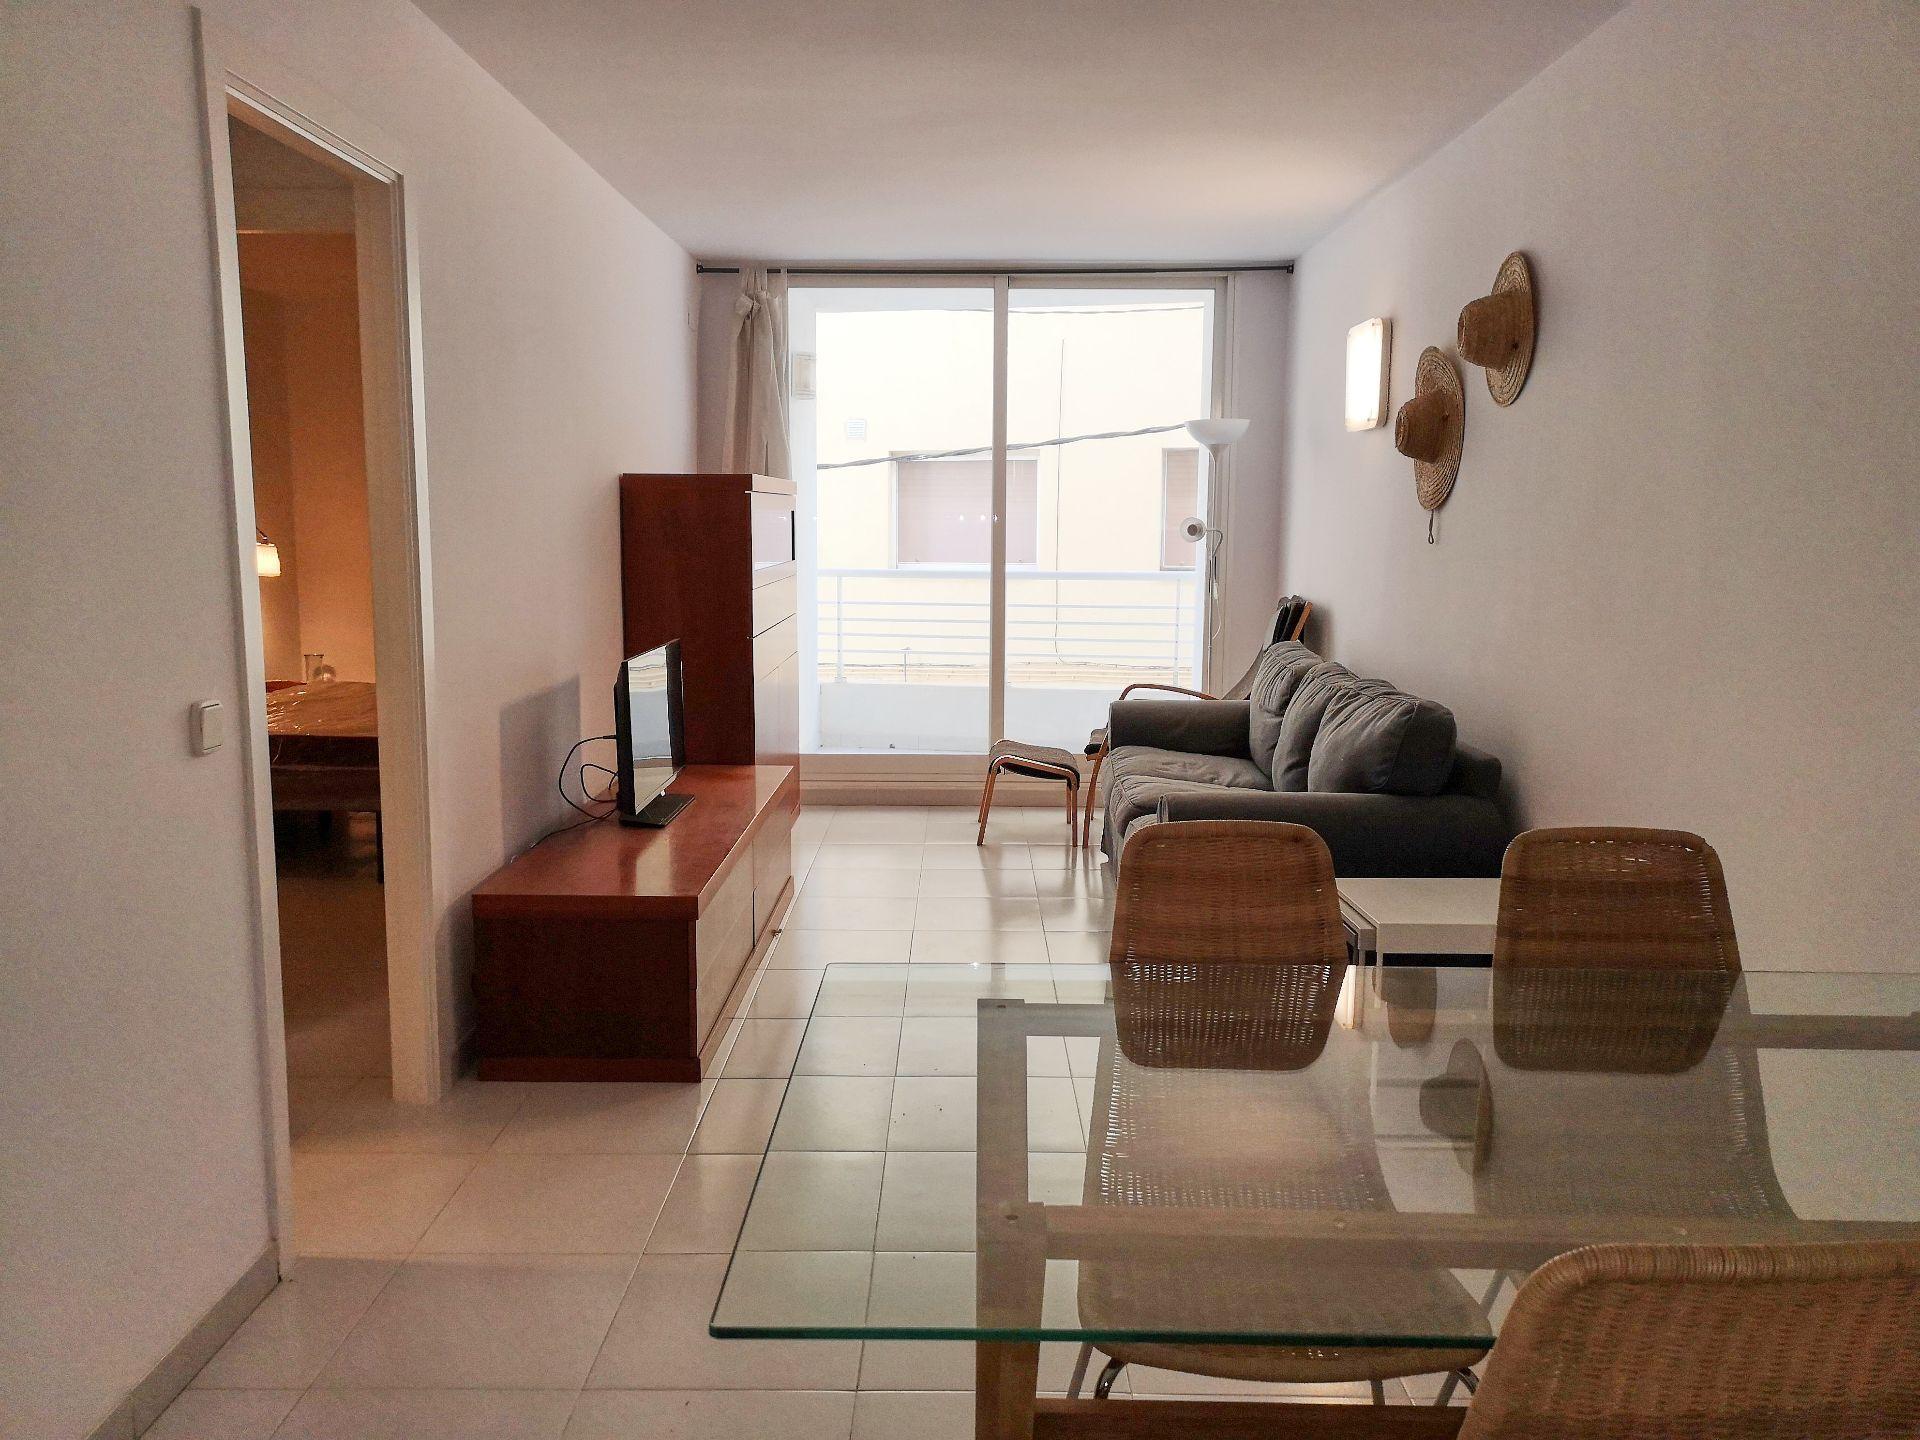 Appartement à l'Escala, l'Escala centro, vente